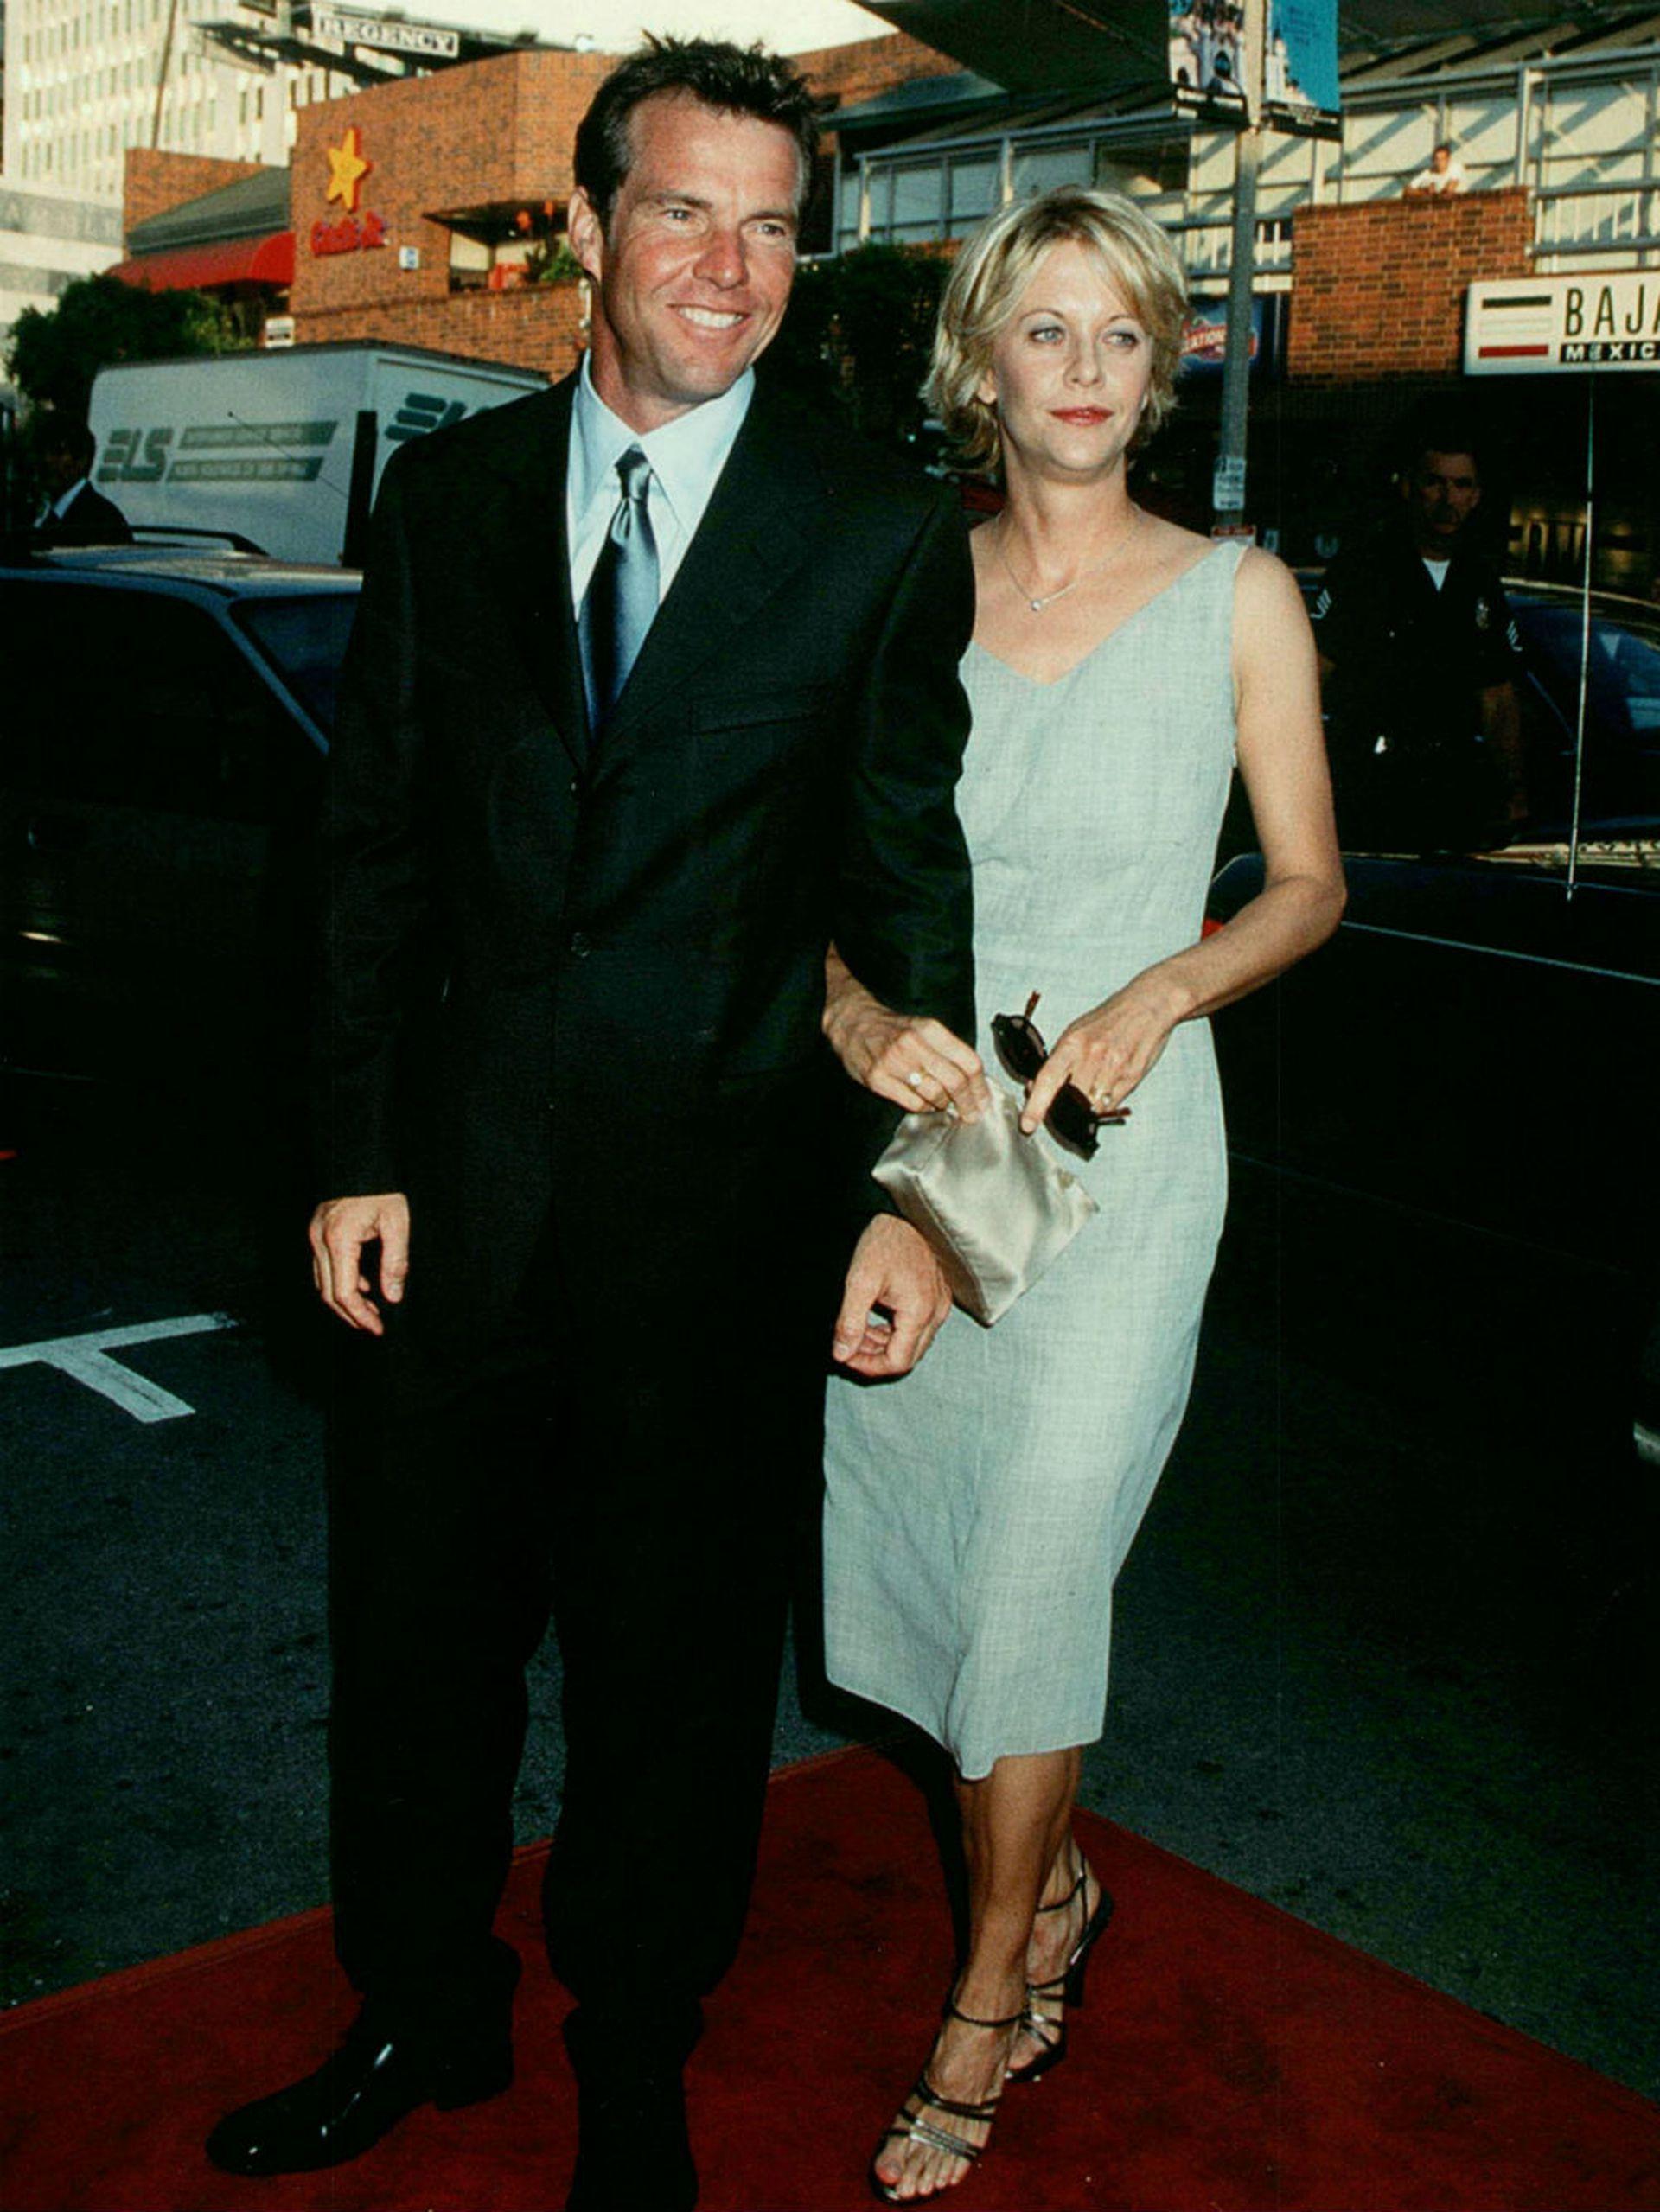 Dennis Quaid reveló que la popularidad de su exesposa fue un factor a la hora de considerar el divorcio, tras nueve años de casados